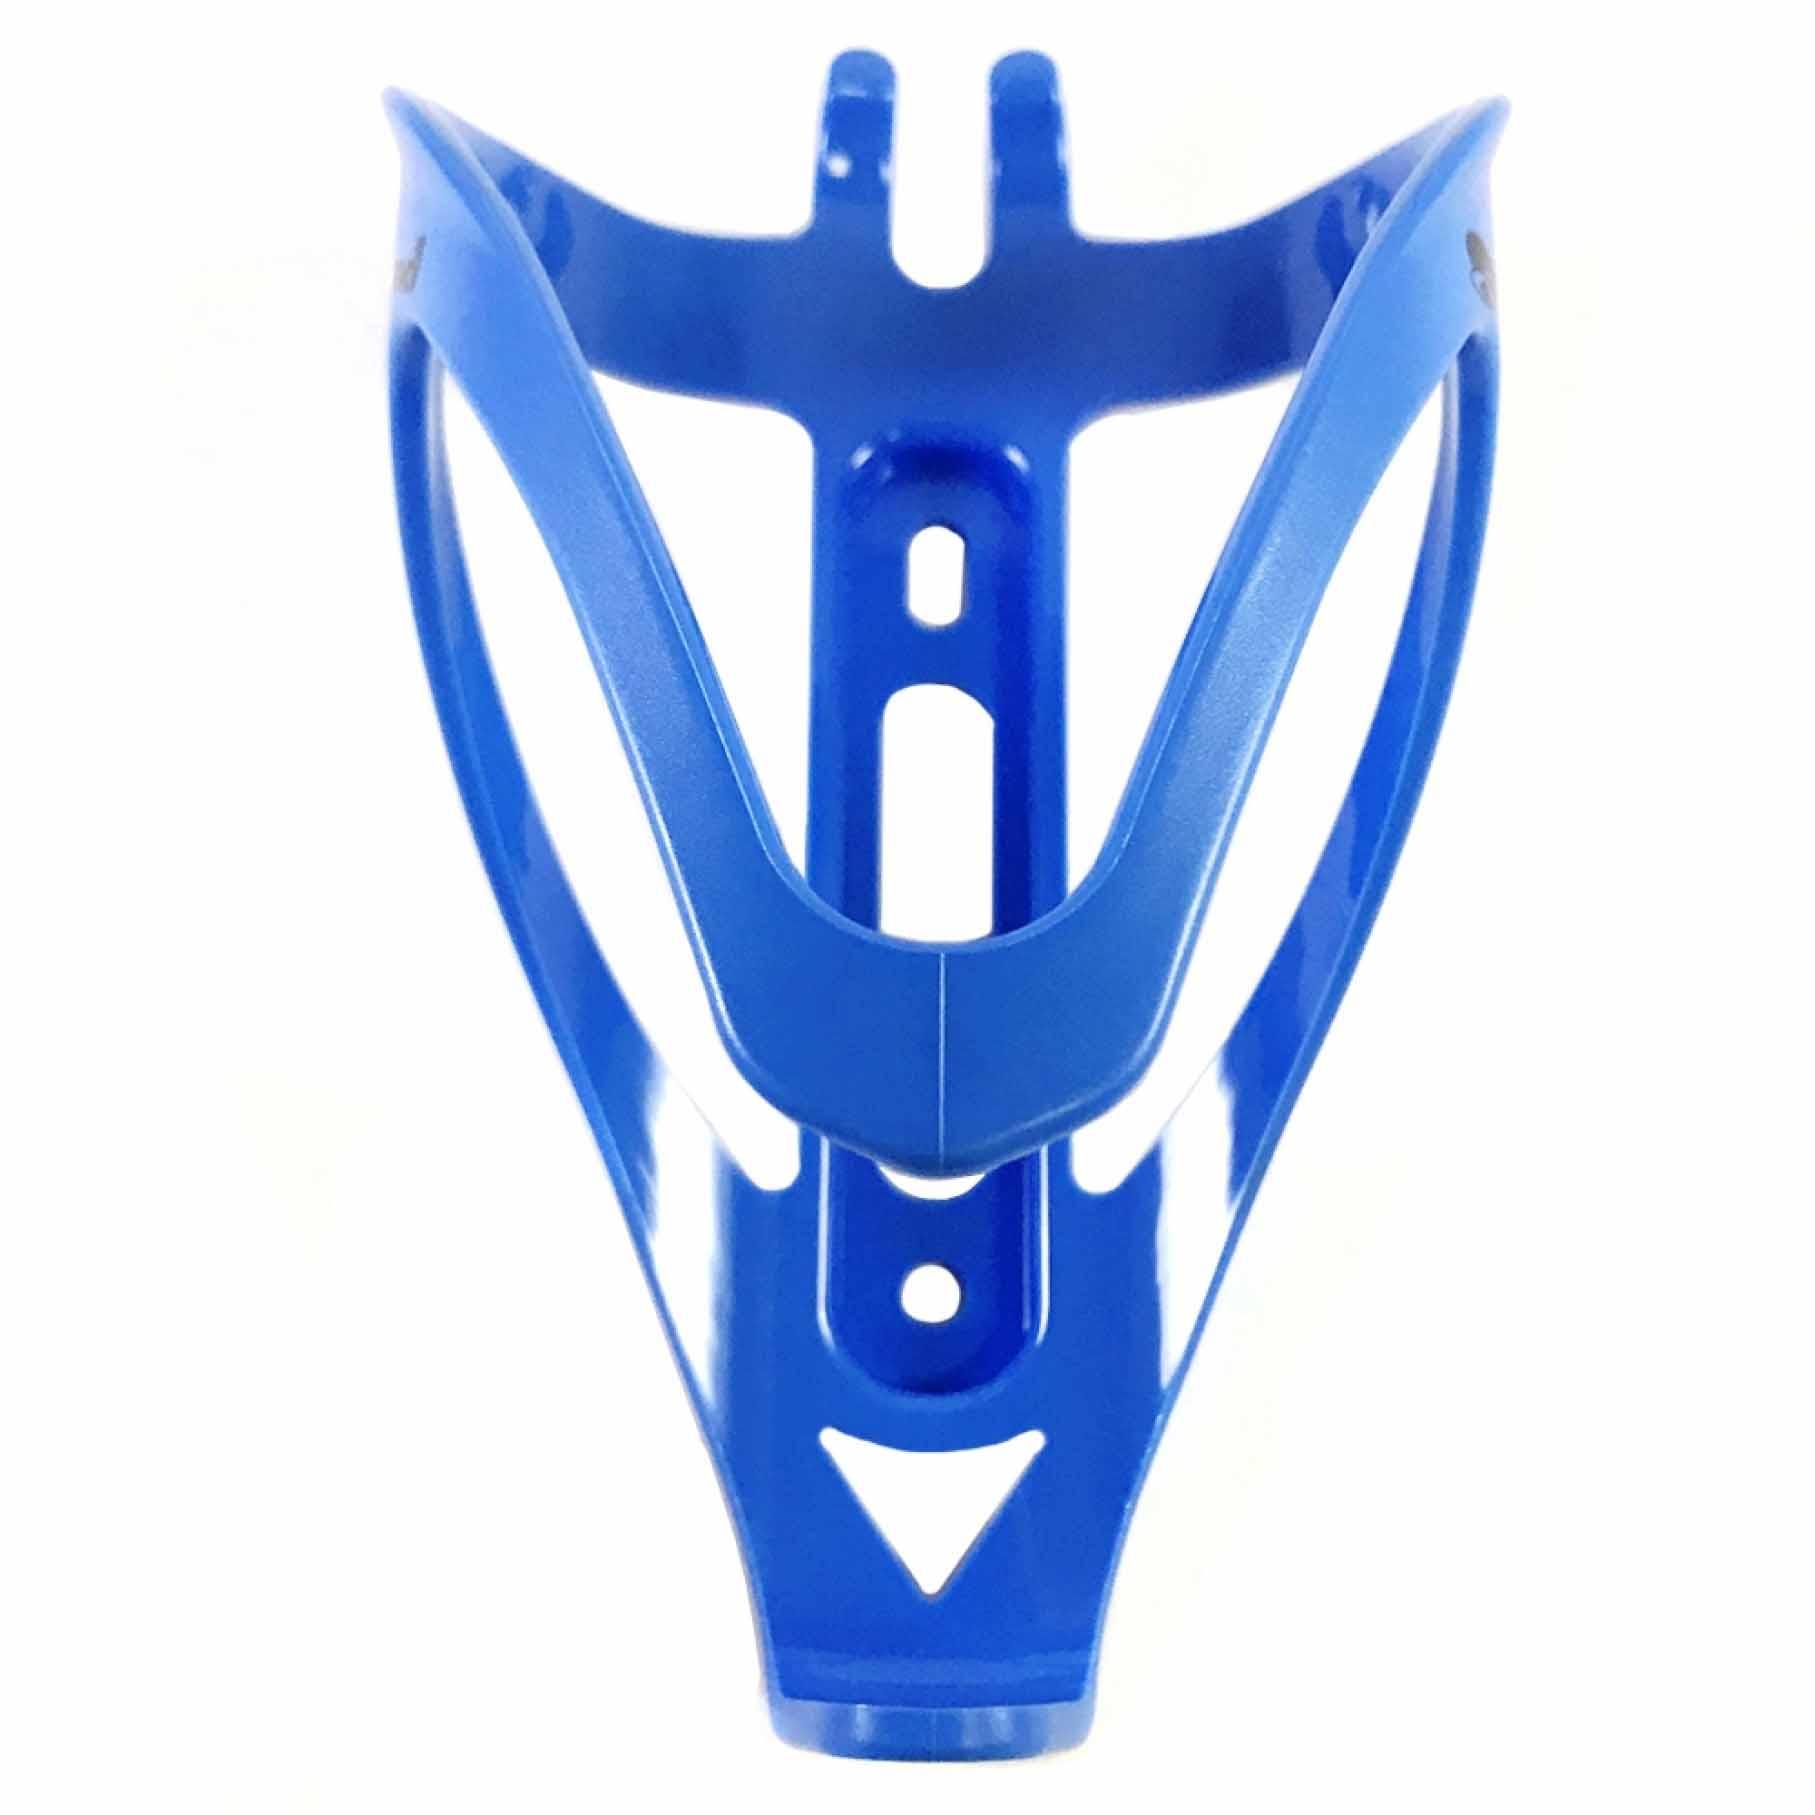 Фото Флягодержатель VENZO CB16-F14-008 пластиковый синий